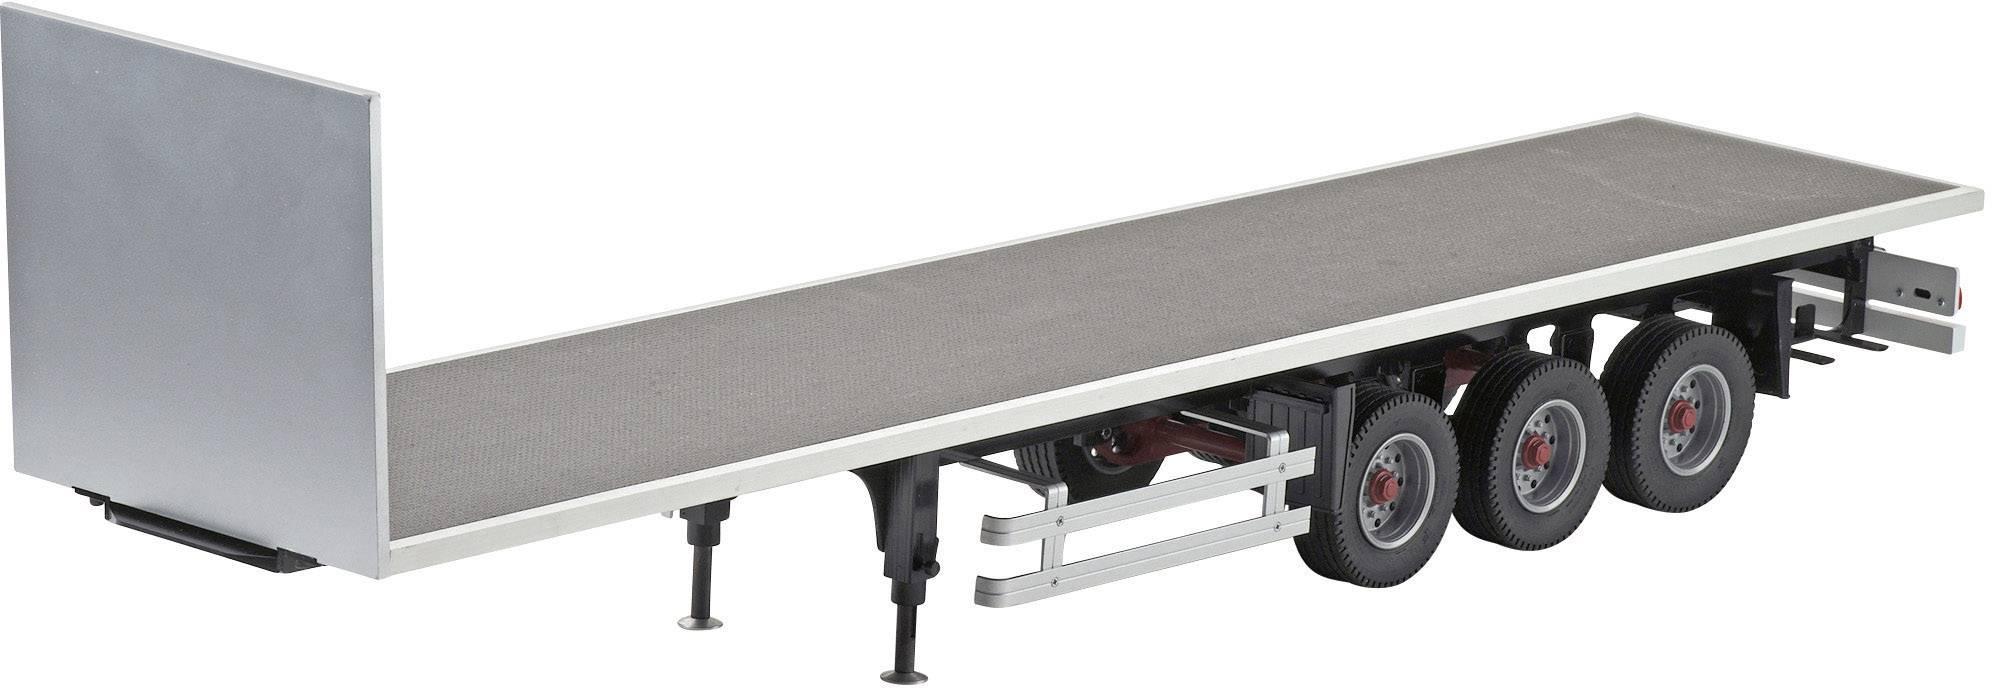 Valníkový náves - model Carson Modellsport Version II 500907081, 1:14